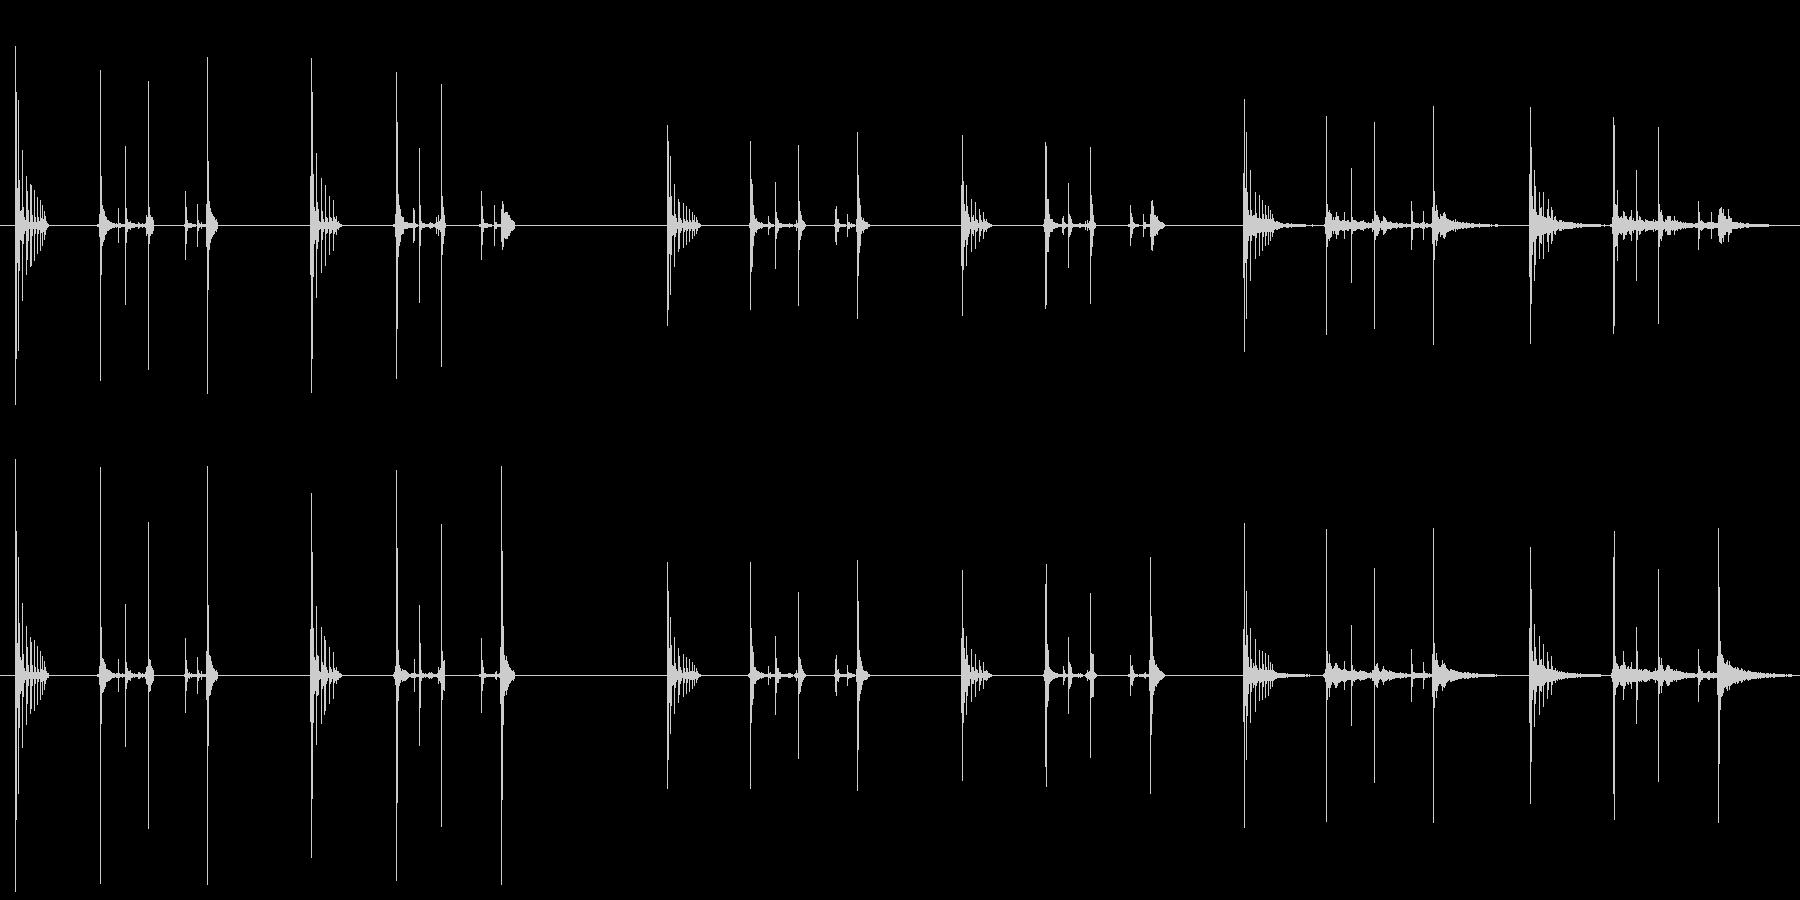 ハッチバウンス、2バージョンX 3...の未再生の波形